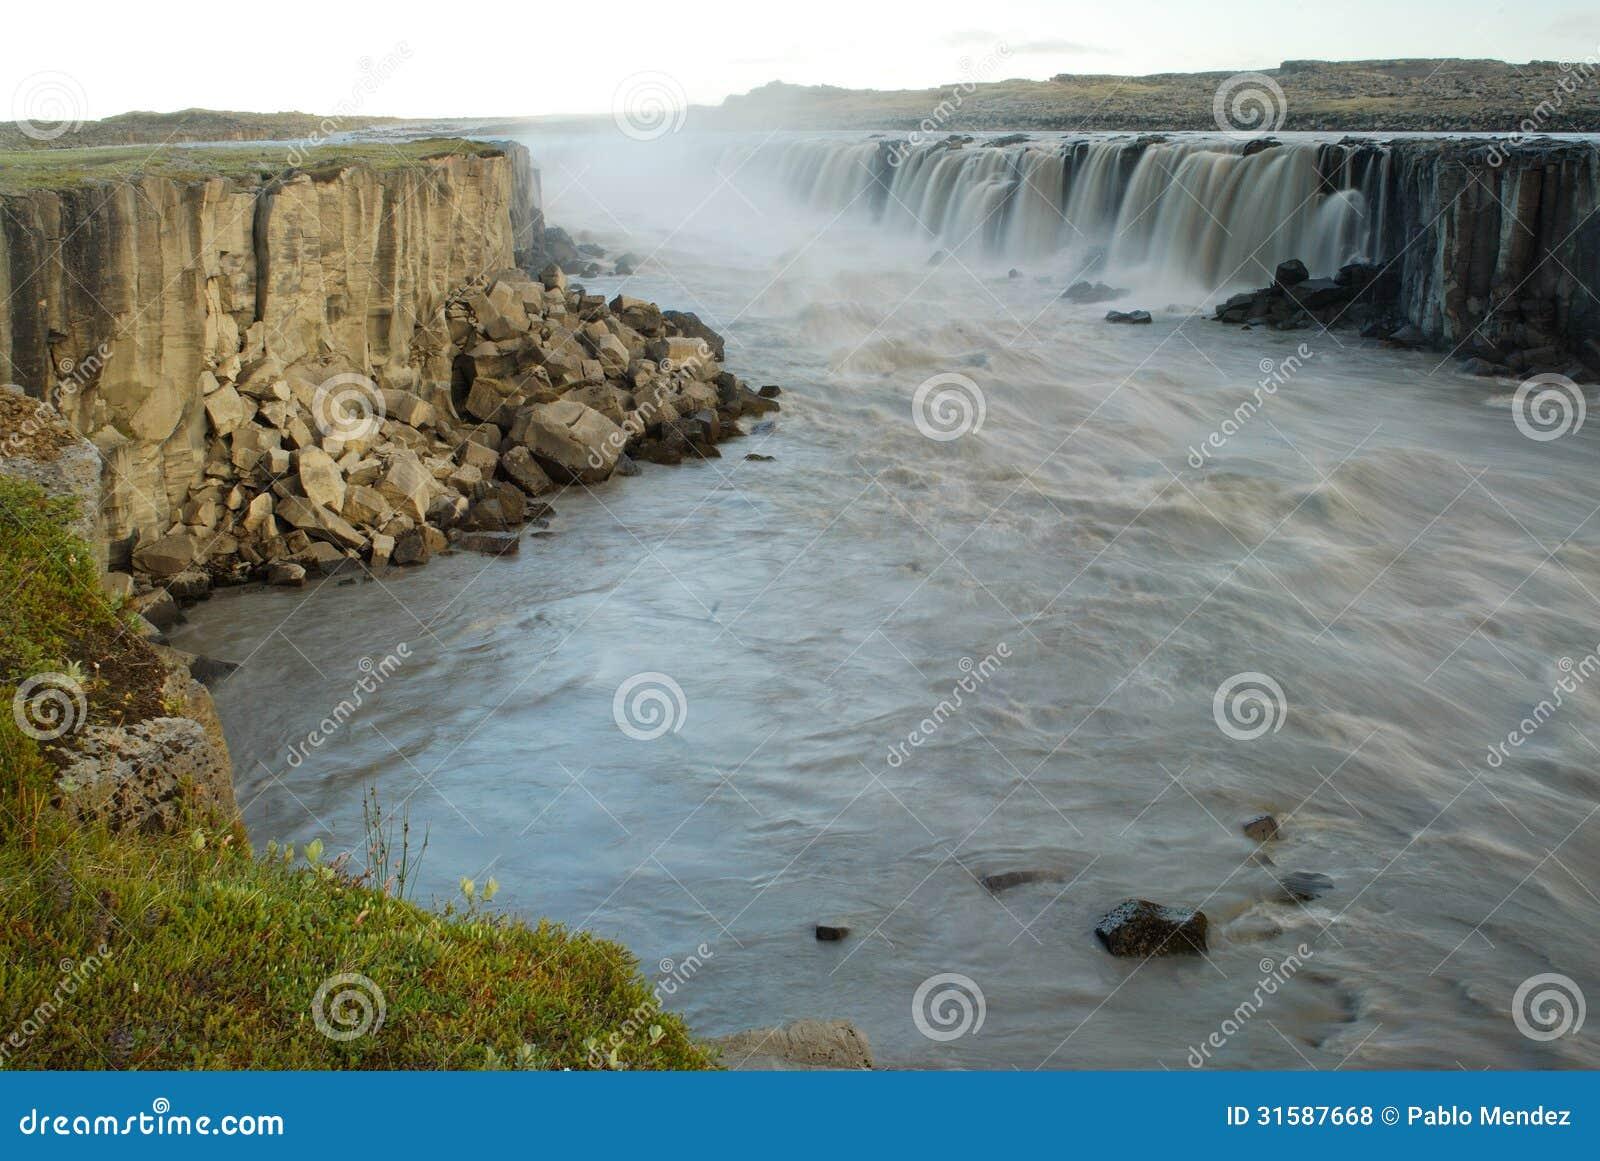 Jokulsa A Fjollum River In Jokulsargljufur National Park, Iceland